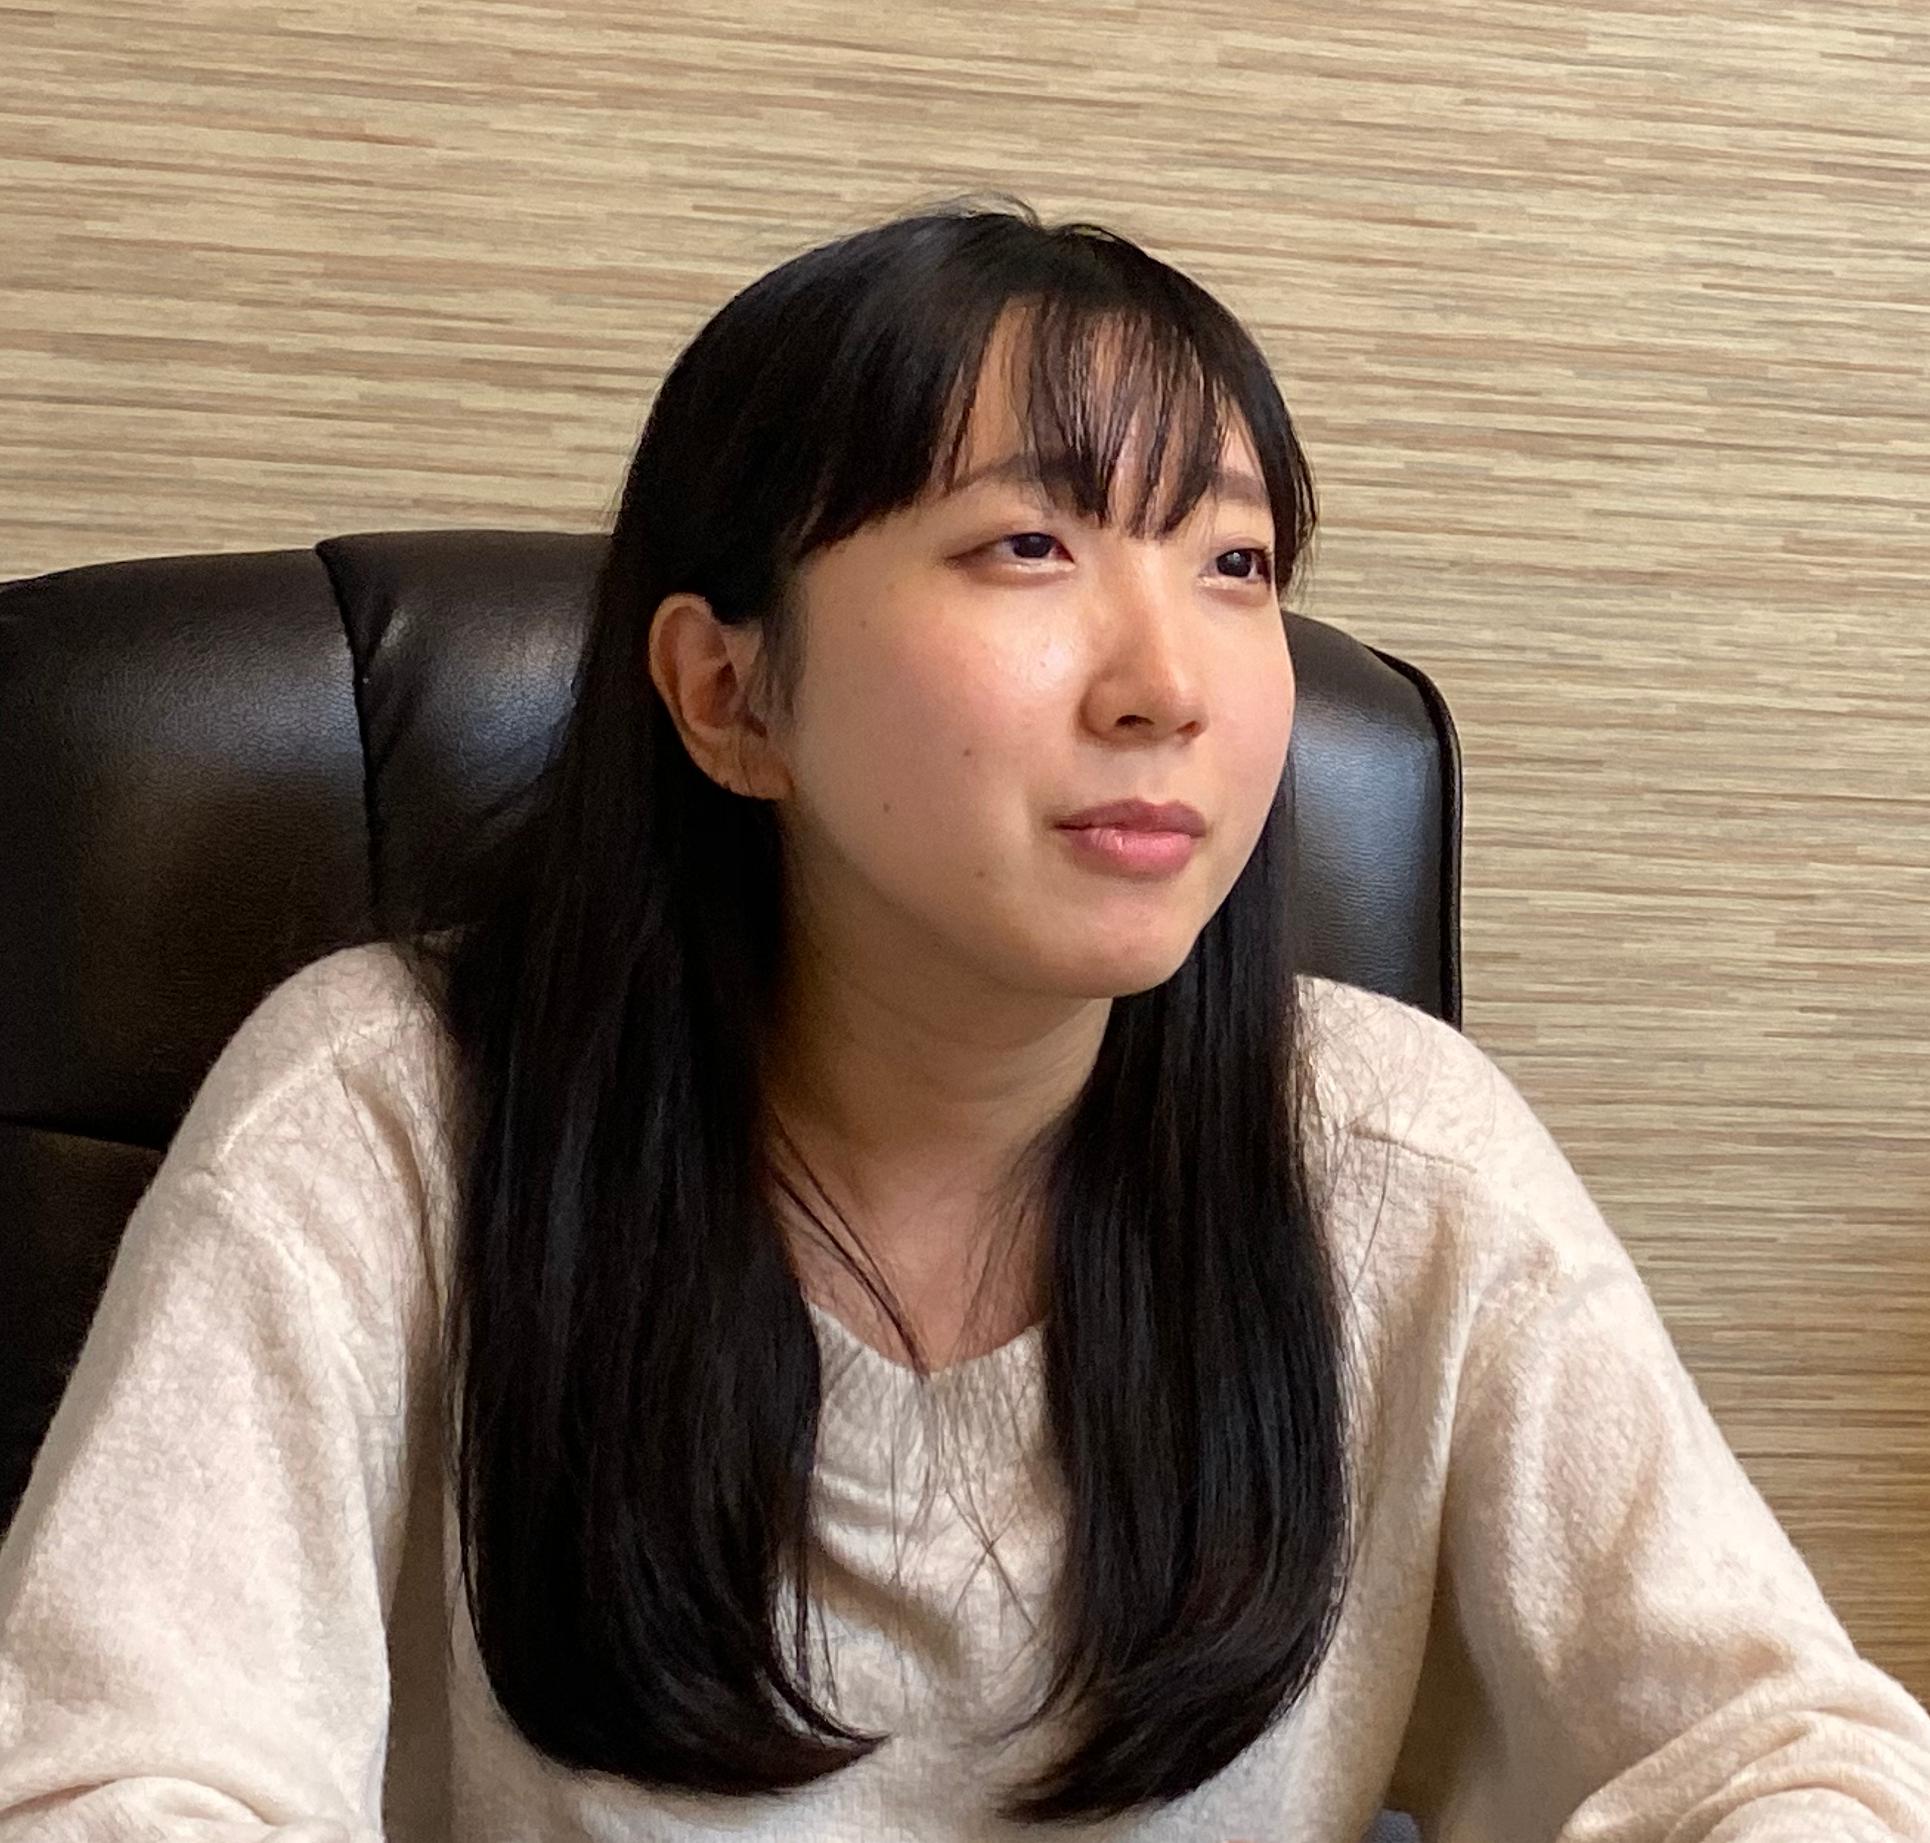 ネタ作り パーパー ほしのディスコと山田愛菜はカップル?パーパー誕生経緯を調査!